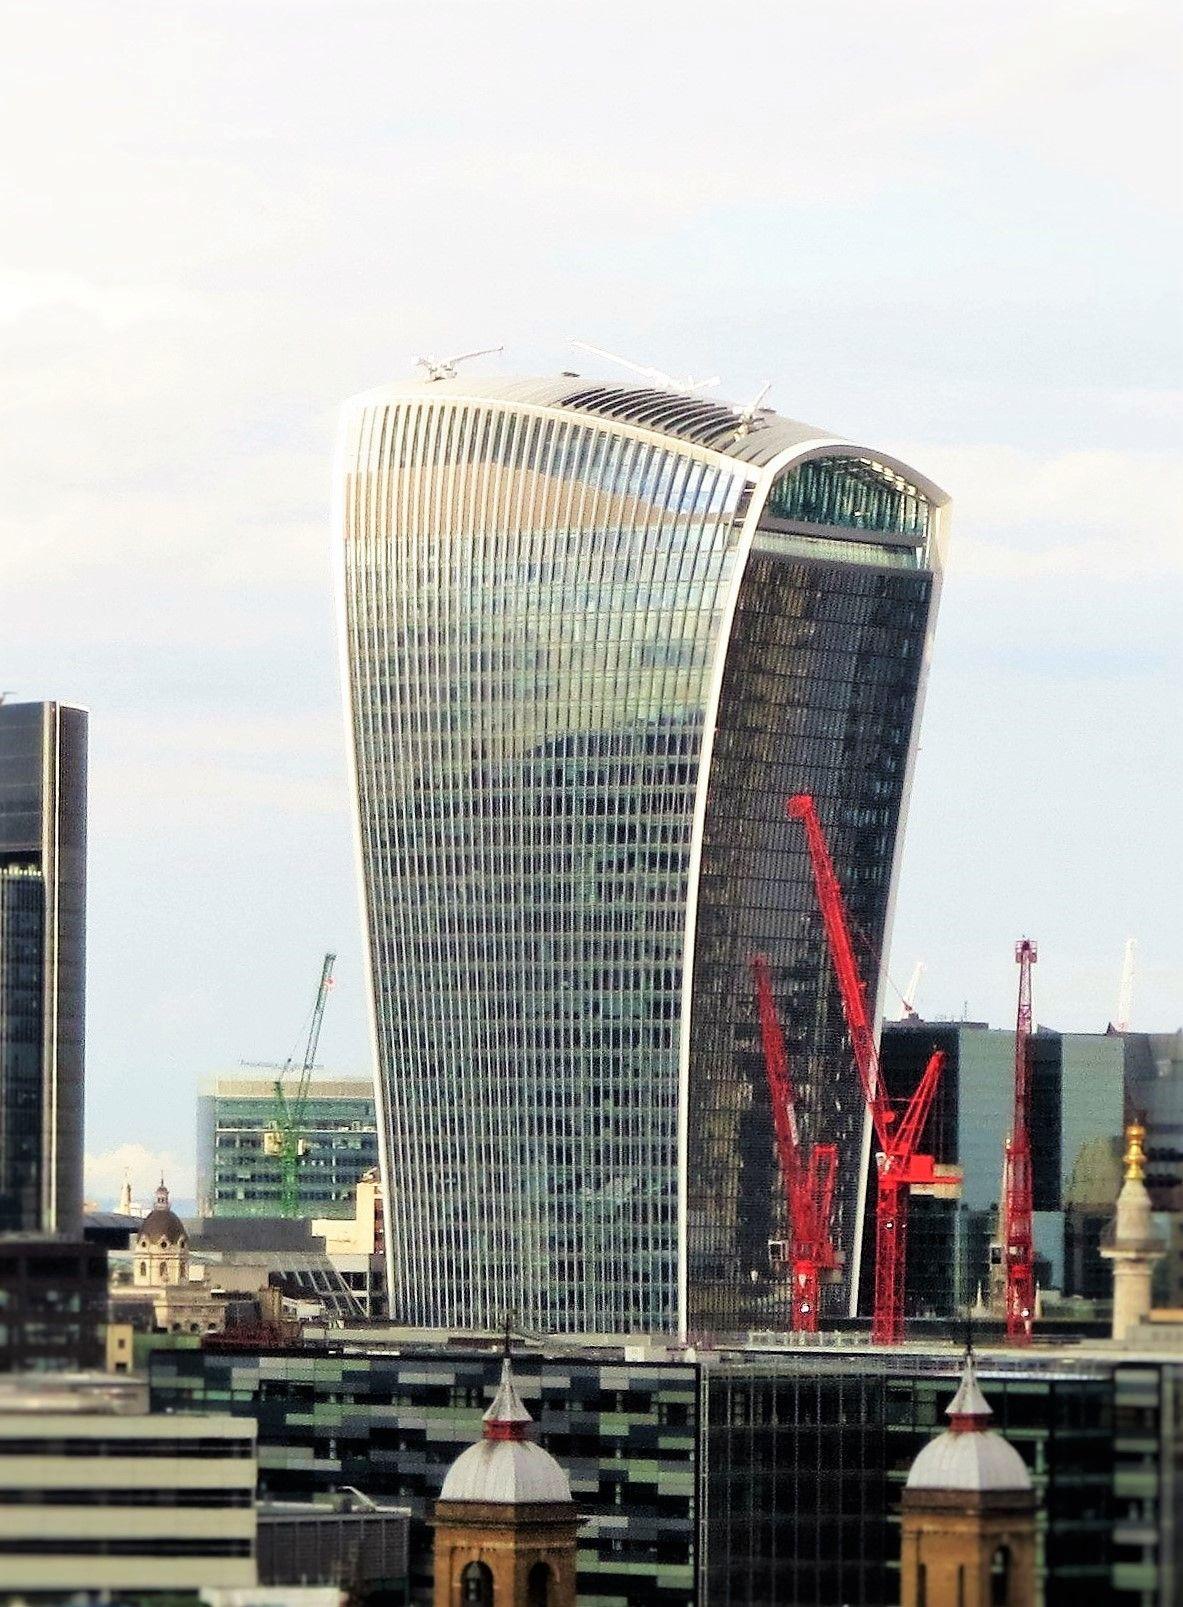 4.ロンドンの奇抜なデザインの高層ビル